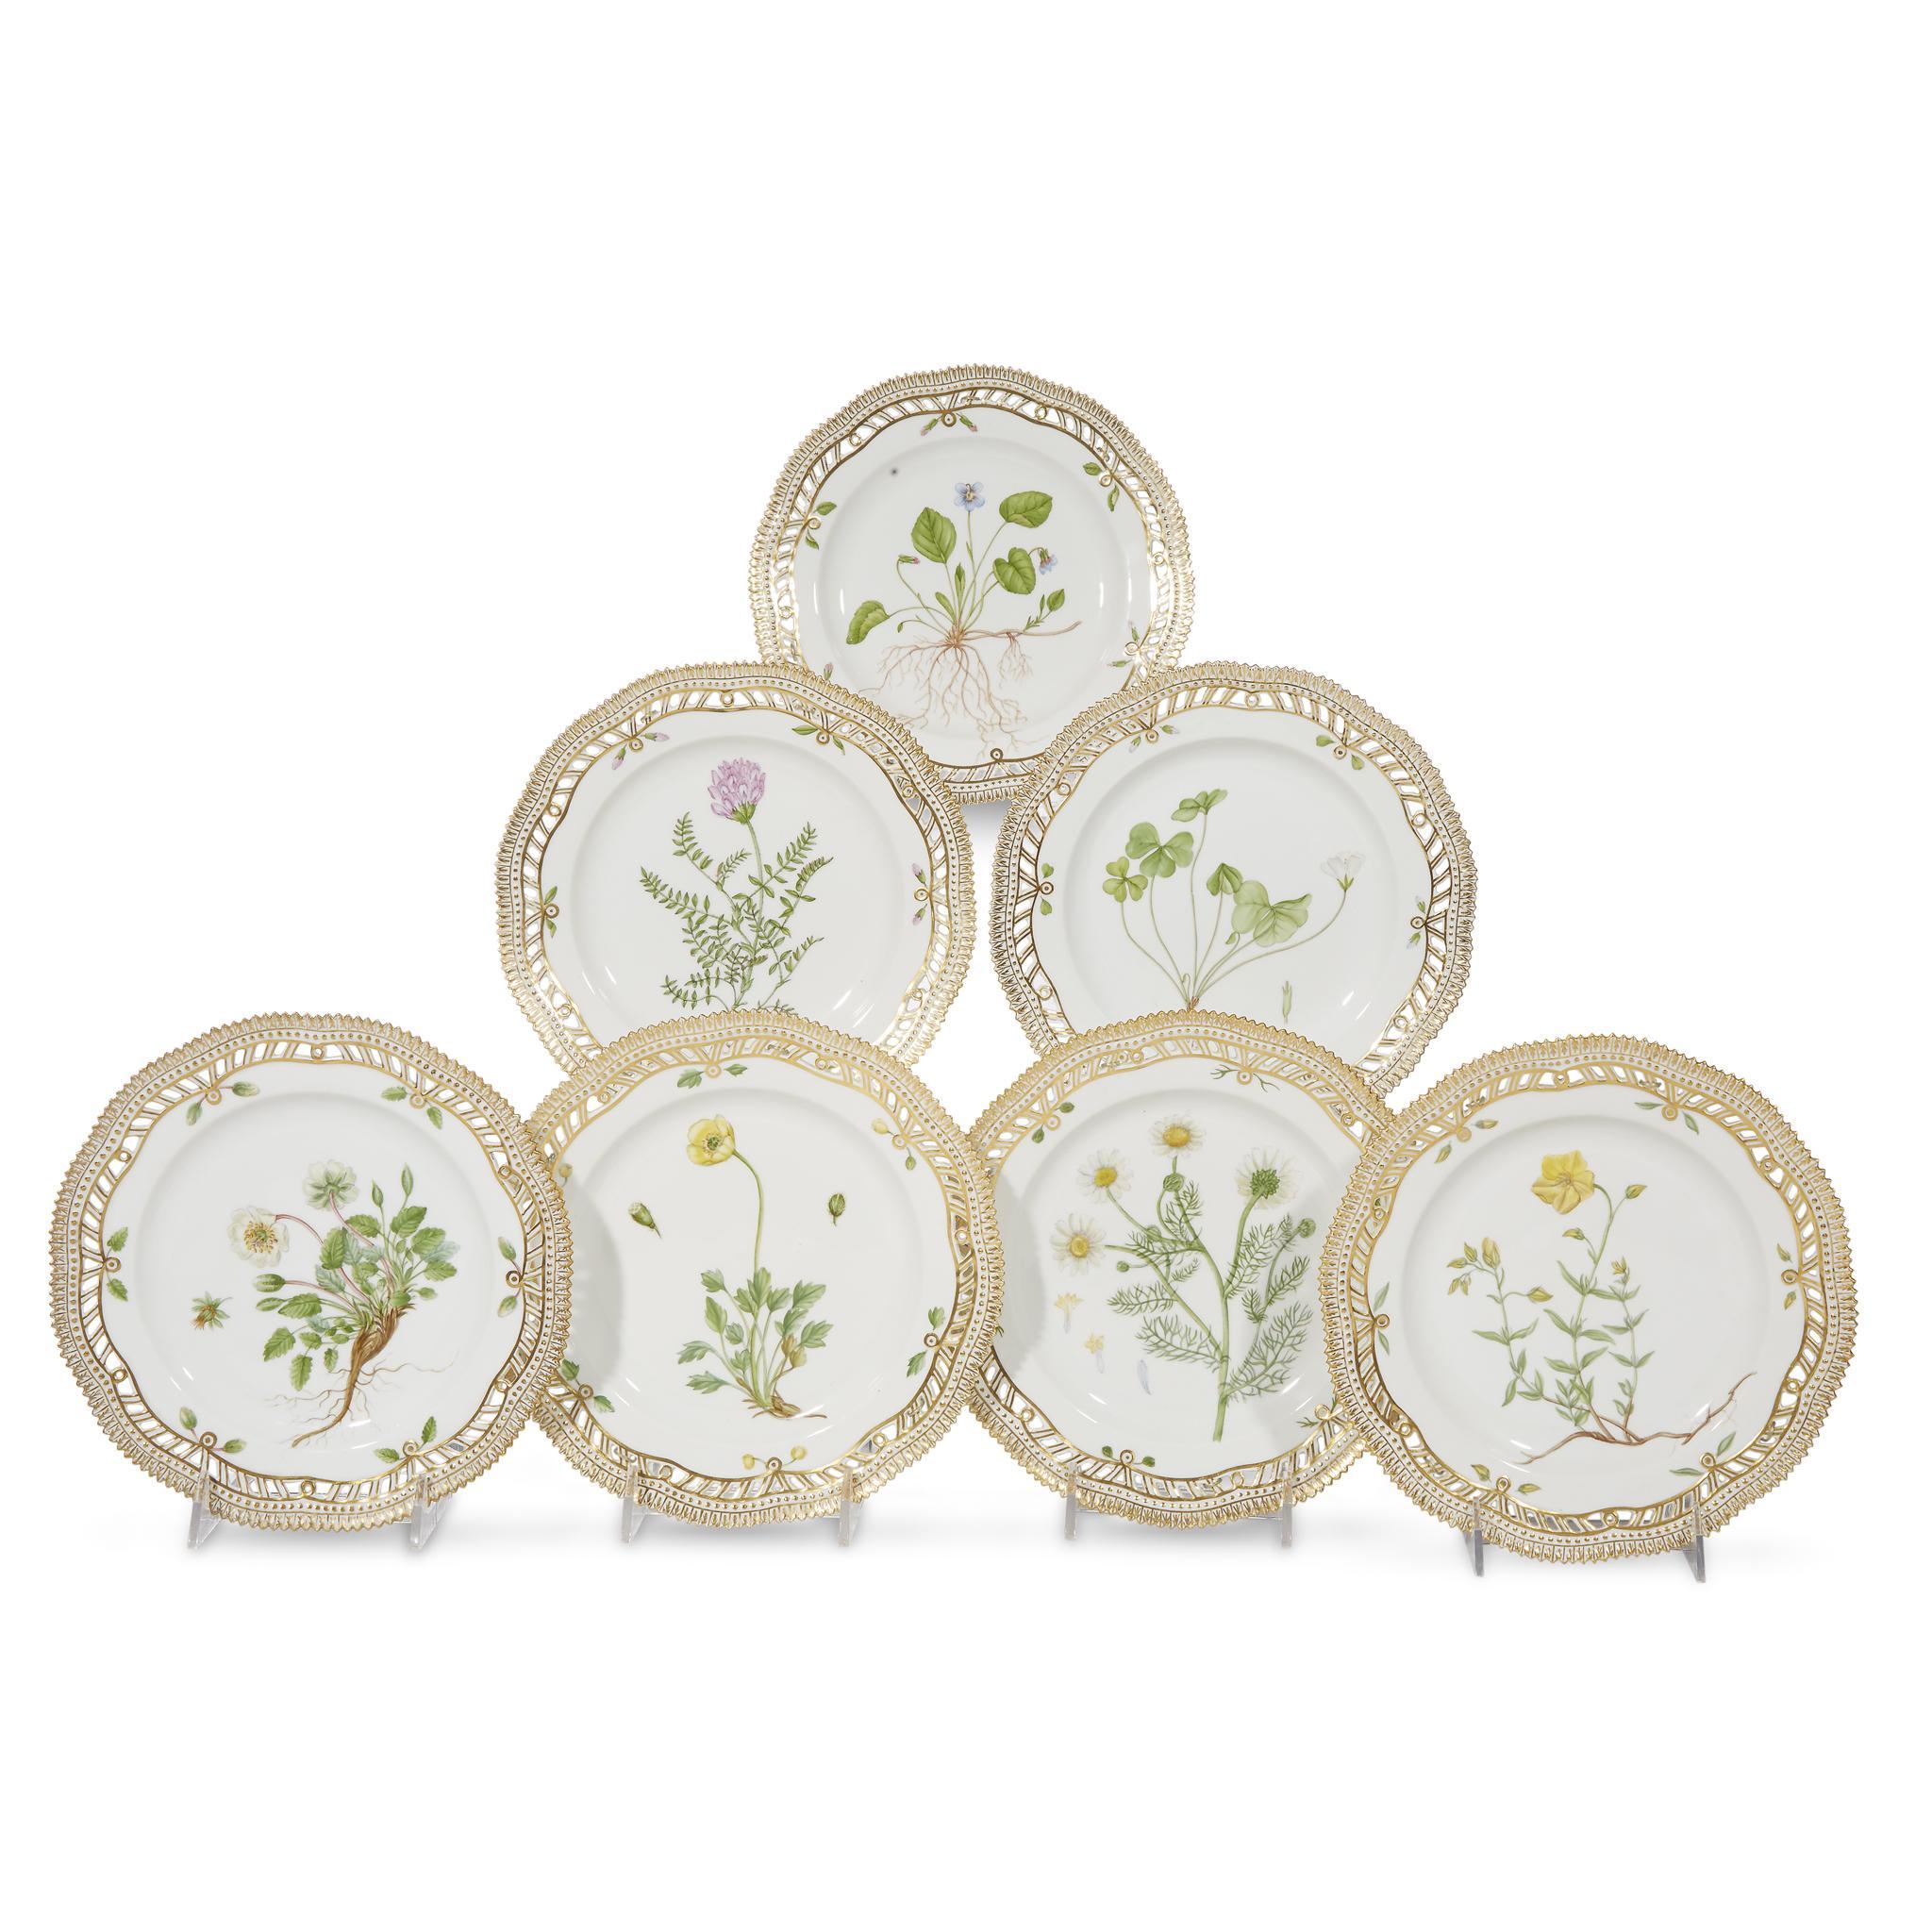 Dating royal copenhagen porcelain dinnerware